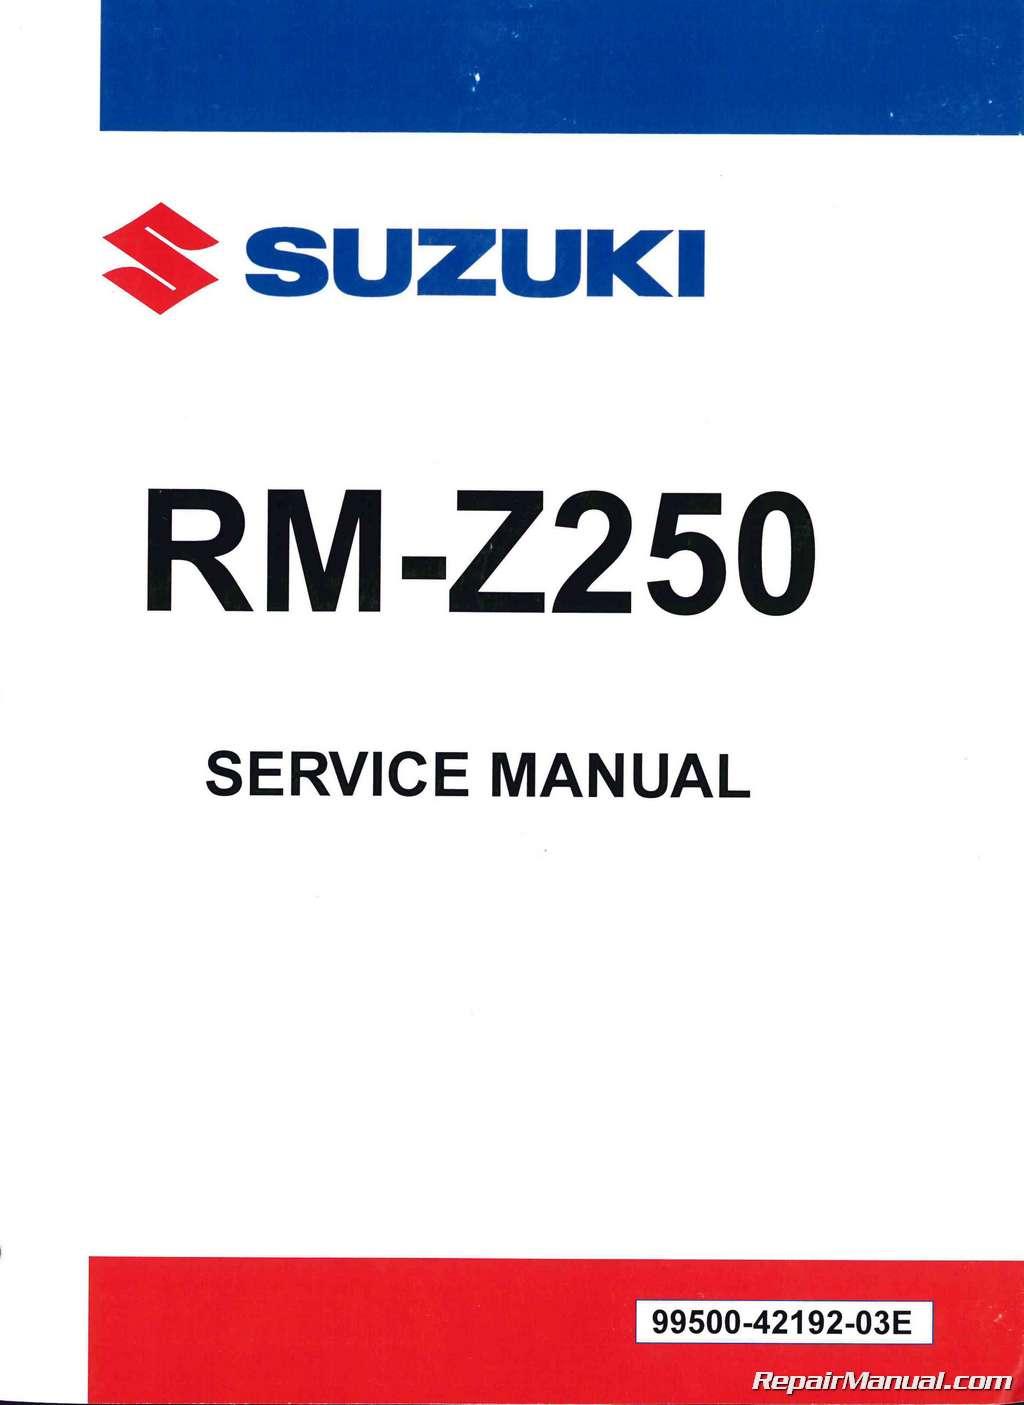 2010 2011 2012 2013 2014 Suzuki RM-Z250 Motorcycle Service